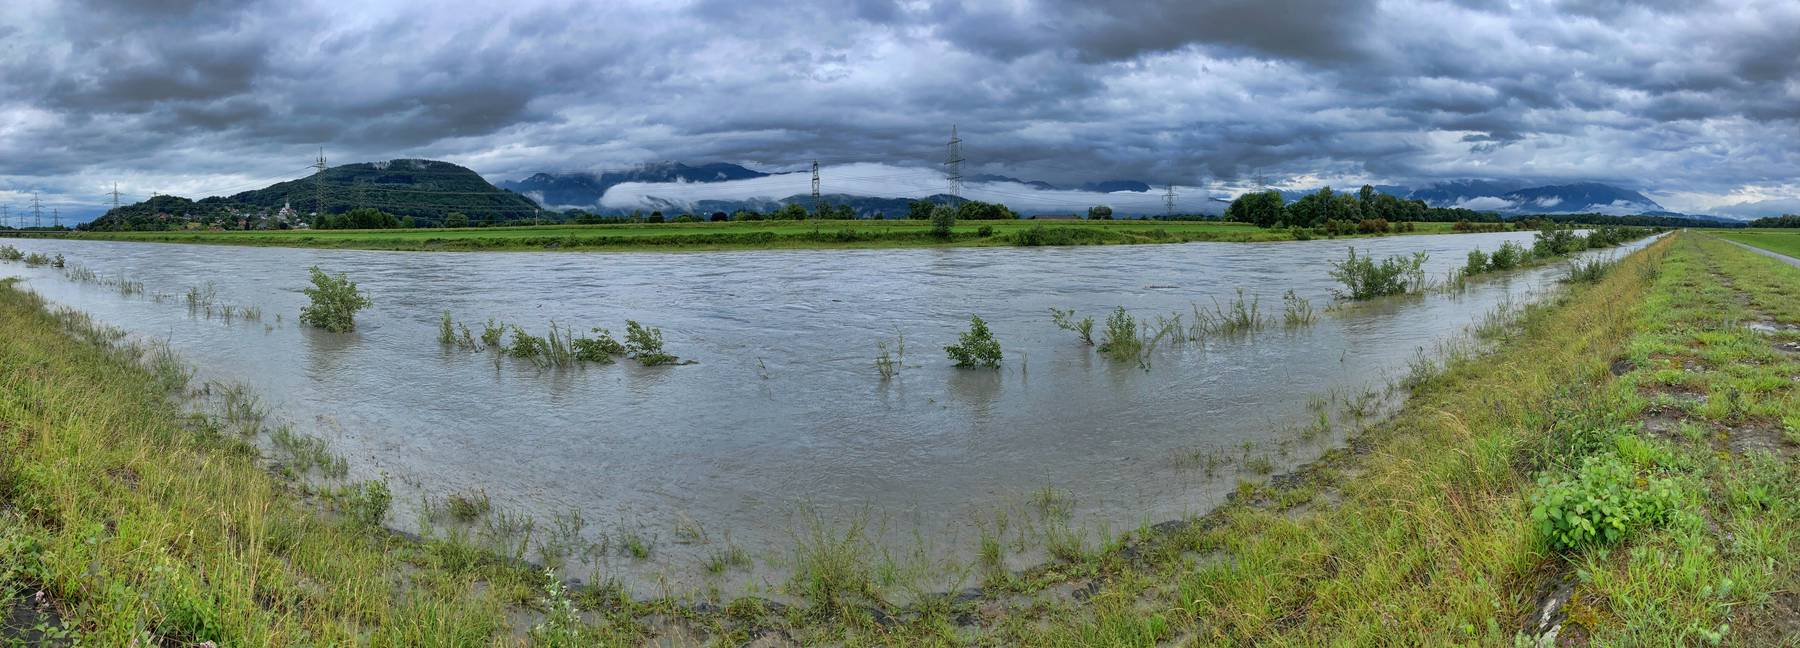 Eine Überschwemmung des Rheinvorlands ist möglich, jedoch nicht weiter dramatisch.